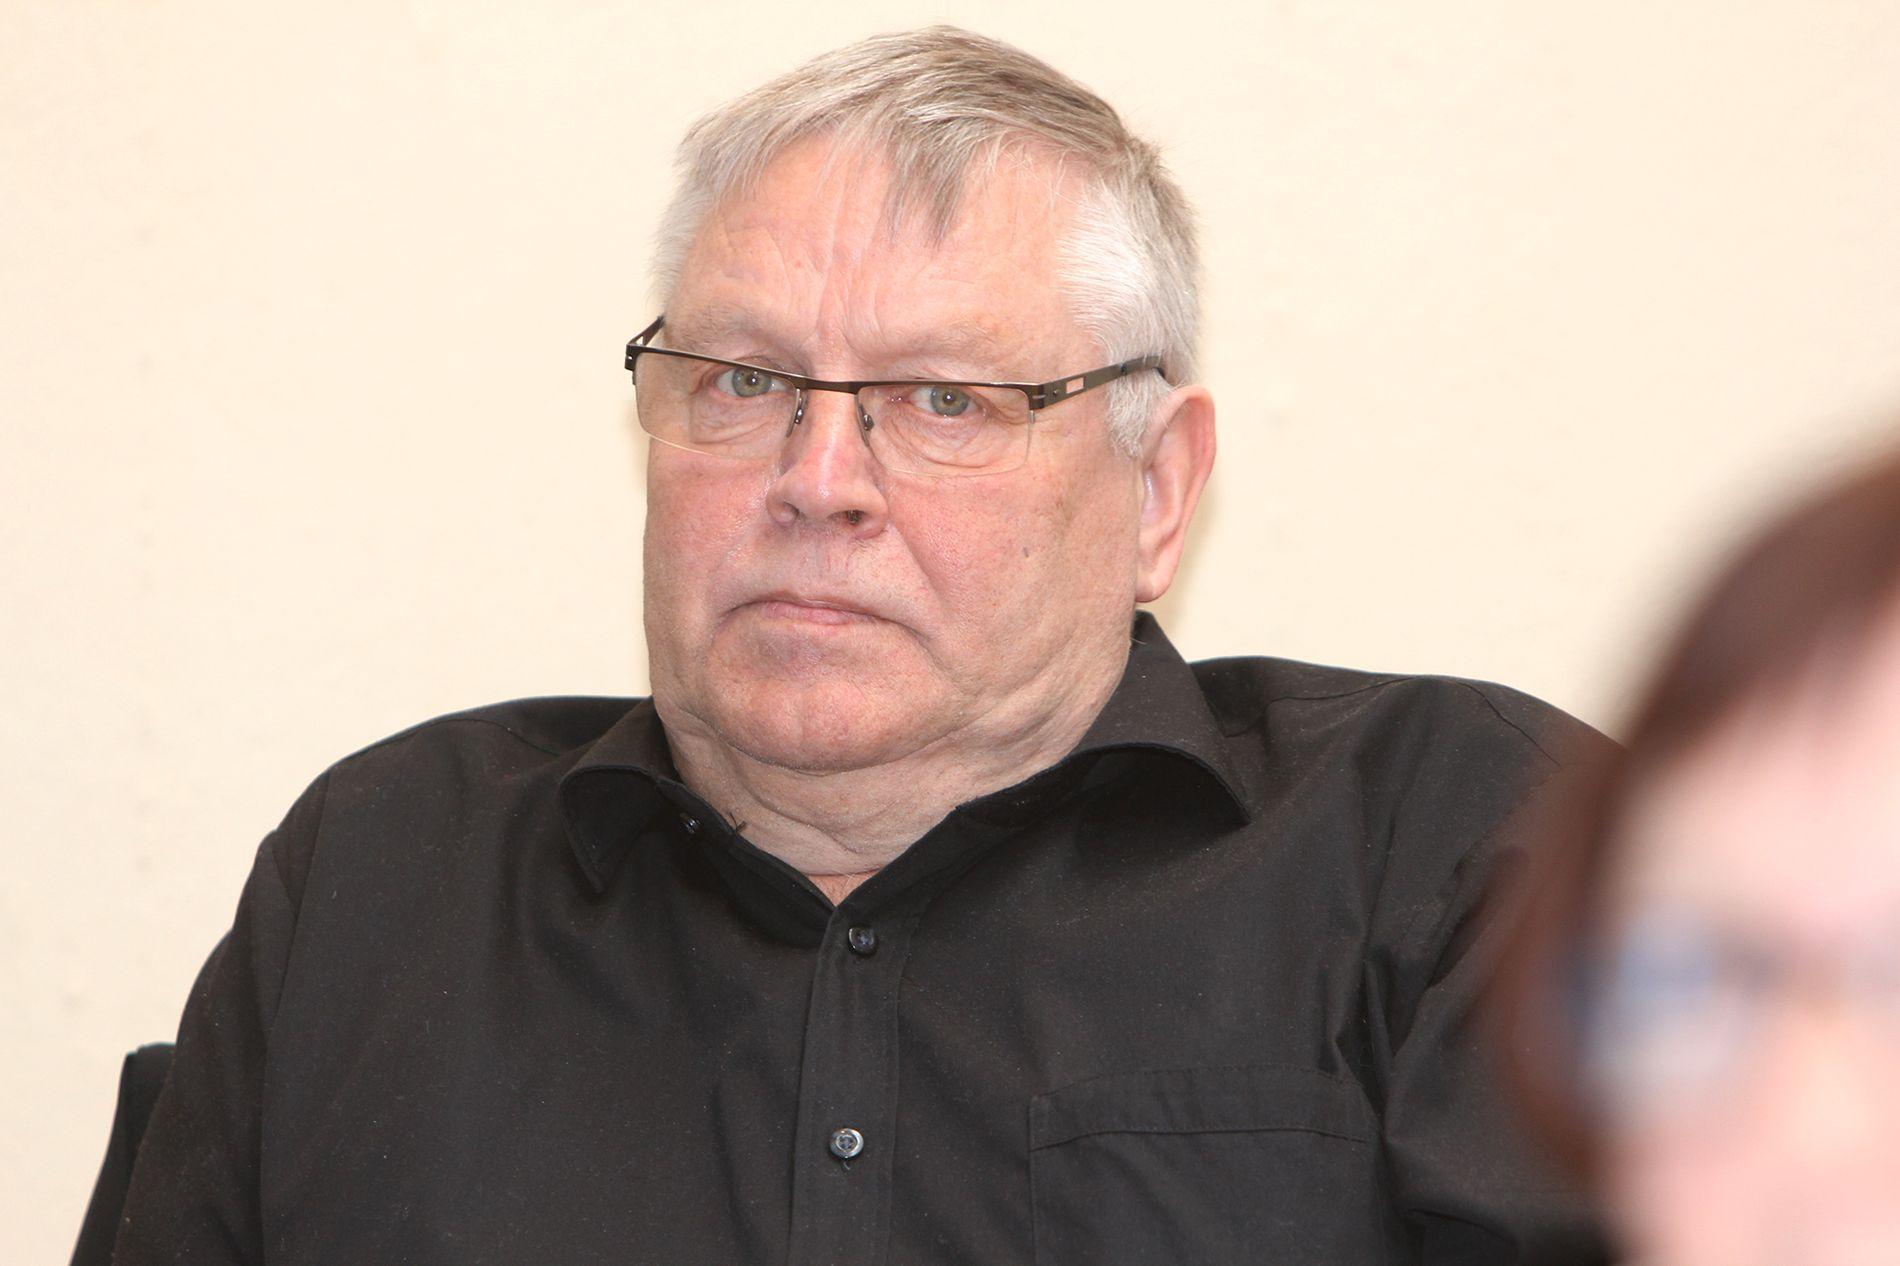 BLE BLOTTET: Hjertesyke Svein Berg (67) fra Alta